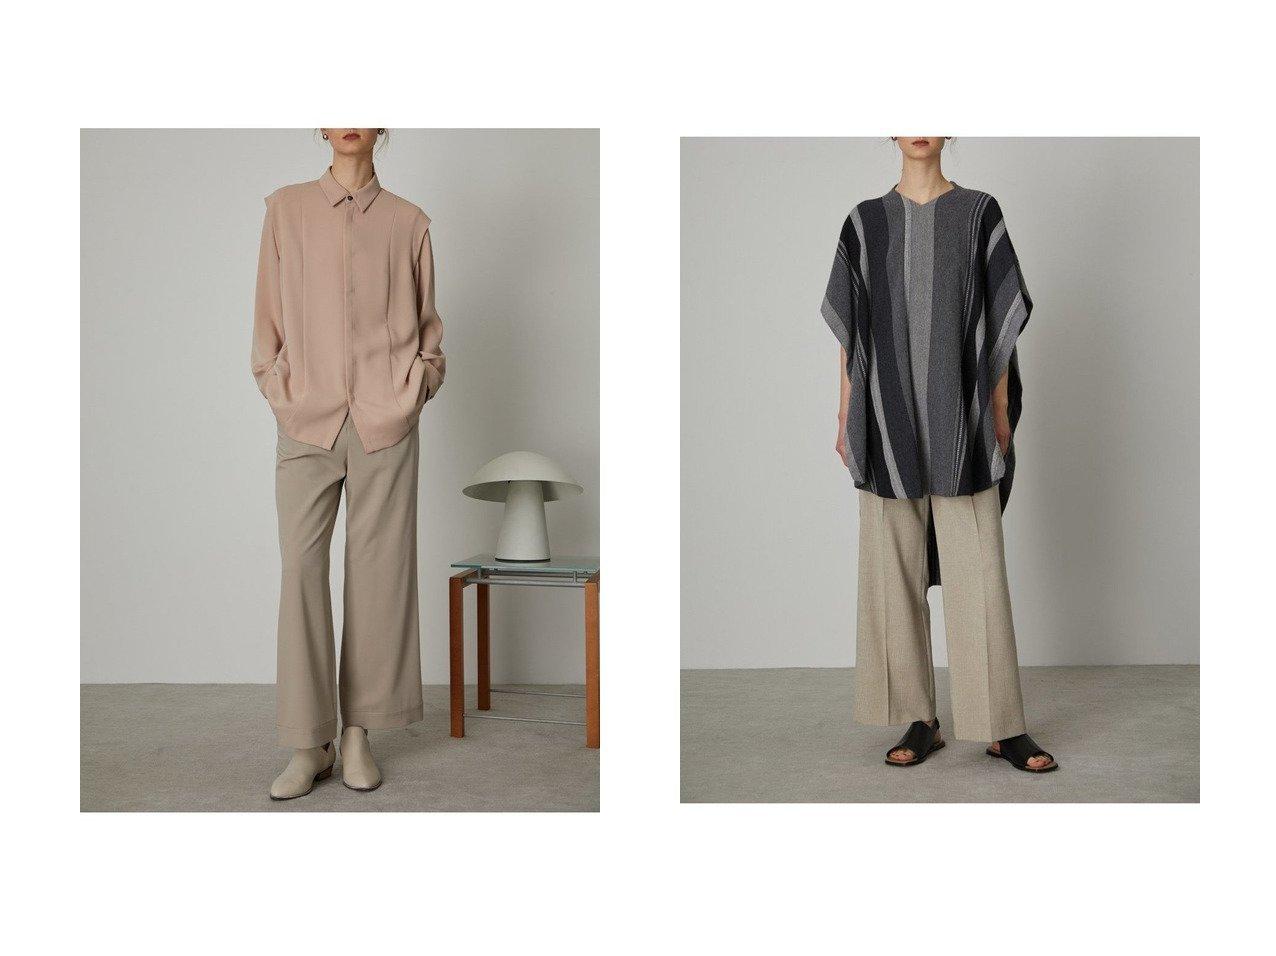 【RIM.ARK/リムアーク】のトップス&シャツ 【トップス・カットソー】おすすめ!人気、トレンド・レディースファッションの通販  おすすめで人気の流行・トレンド、ファッションの通販商品 メンズファッション・キッズファッション・インテリア・家具・レディースファッション・服の通販 founy(ファニー) https://founy.com/ ファッション Fashion レディースファッション WOMEN トップス・カットソー Tops/Tshirt シャツ/ブラウス Shirts/Blouses ショルダー スリーブ ドレープ マニッシュ ロング 春 Spring アンゴラ インナー ショート ストライプ スペシャル ブラウジング ボーダー |ID:crp329100000026543